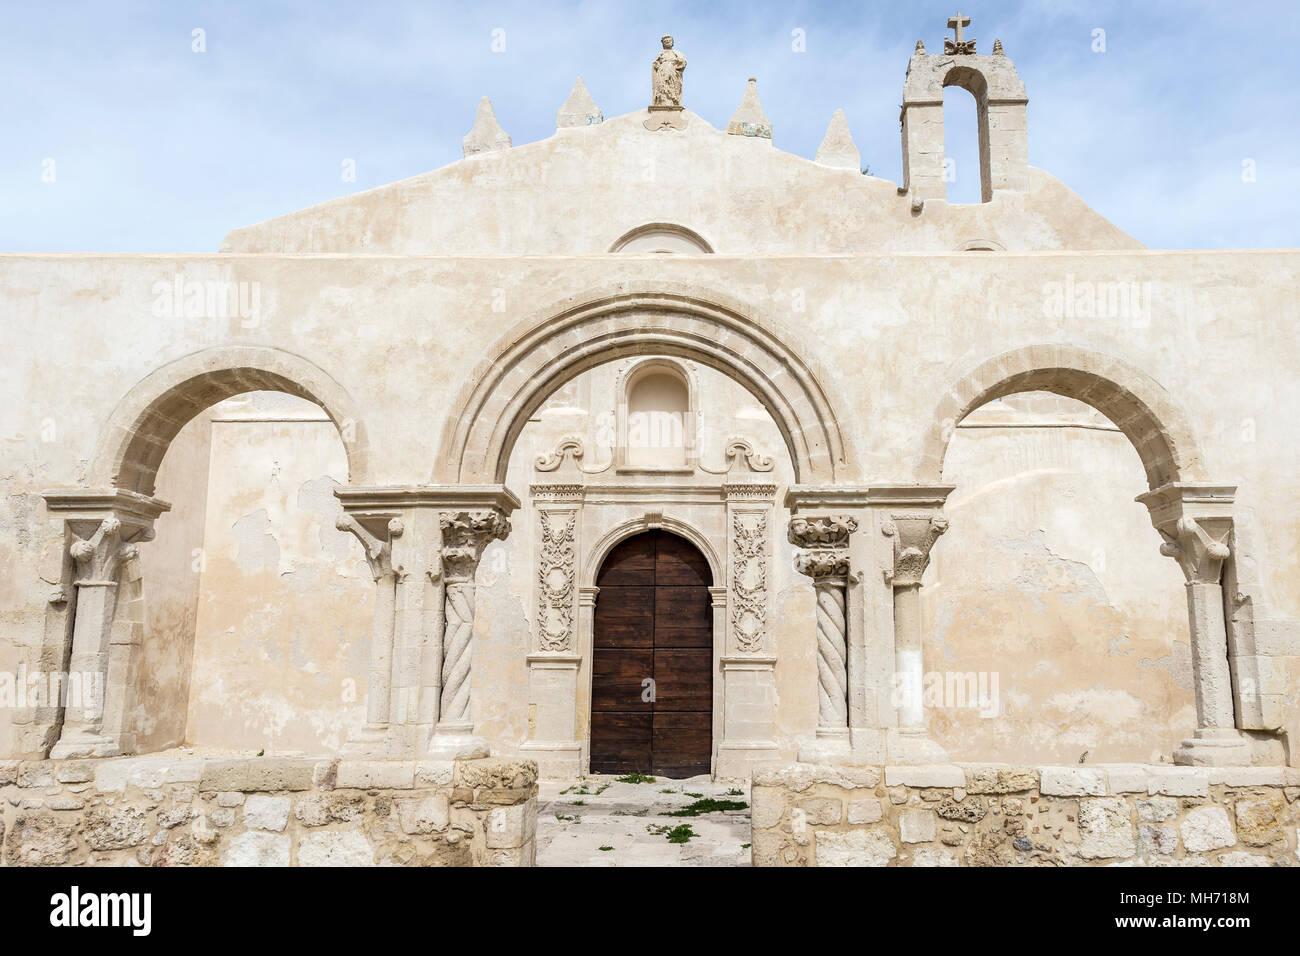 Chiesa di San Giovanni alle catacombe chiesa, Siracusa, Sicilia. Immagini Stock